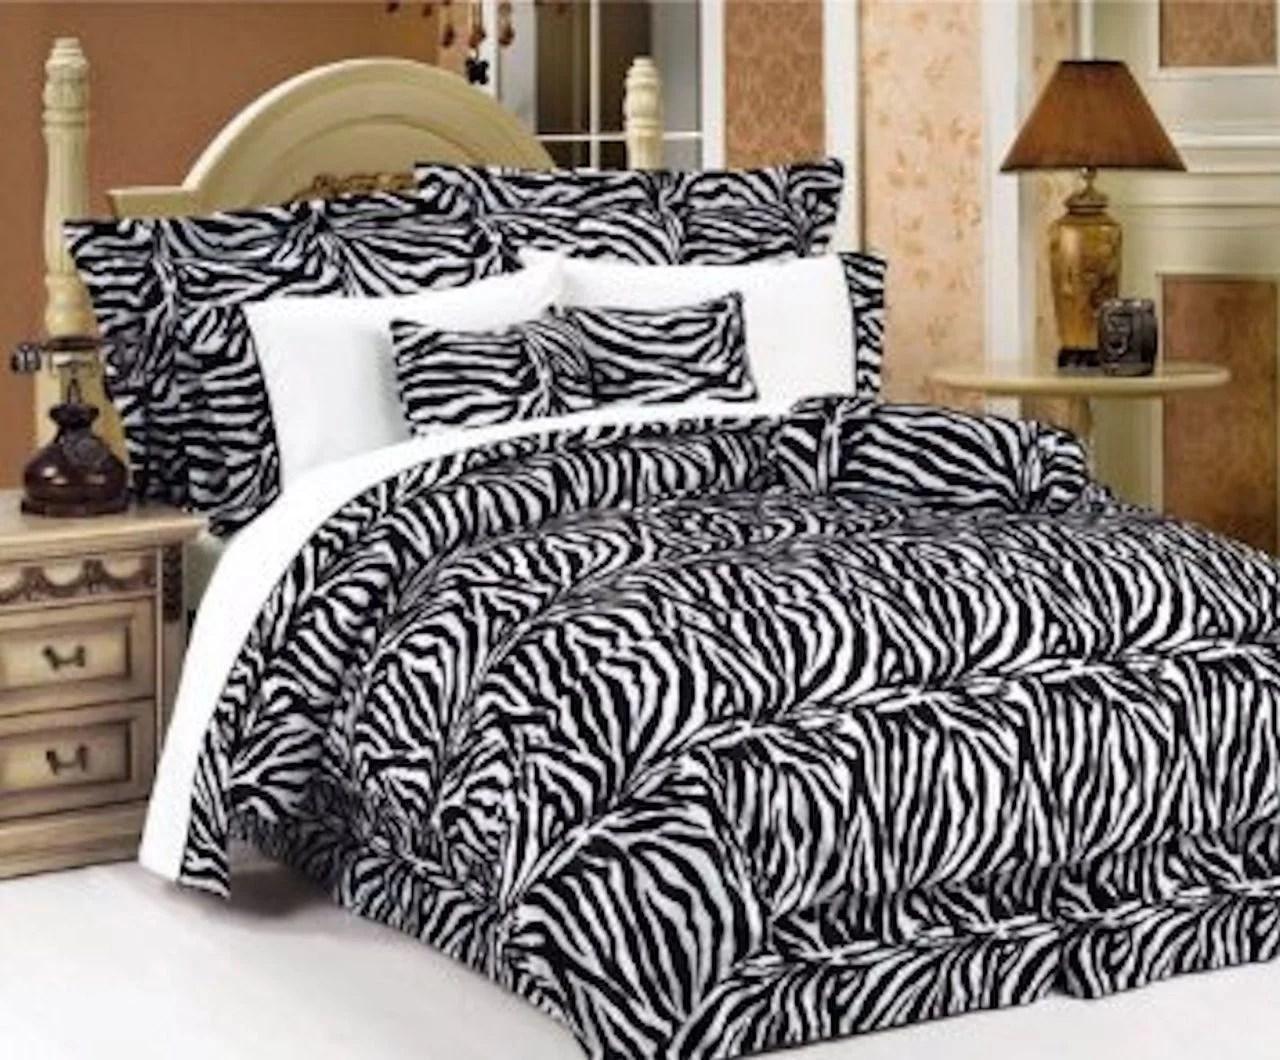 Legacy Decor 5 Pc Black And White Zebra Print Faux Fur